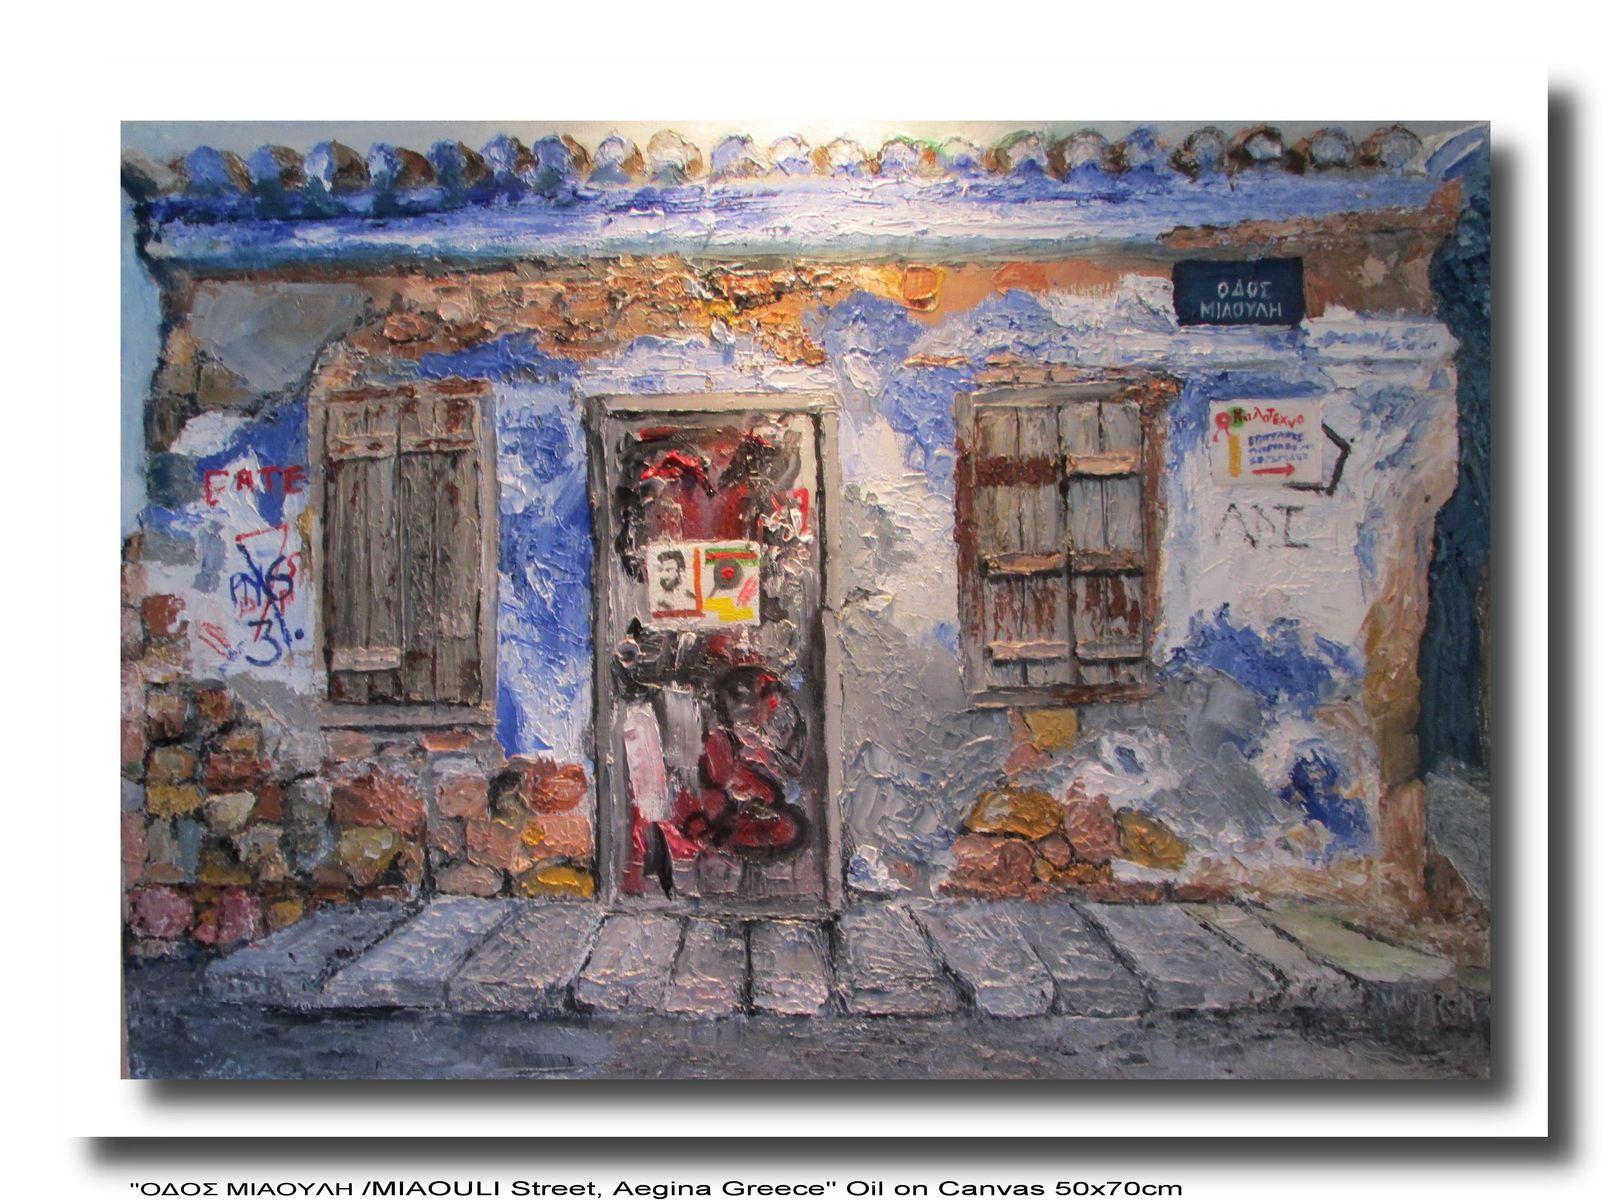 ΟΔΟΣ ΜΙΑΟΥΛΗ/MIAOULI Street, Aegina, Greece